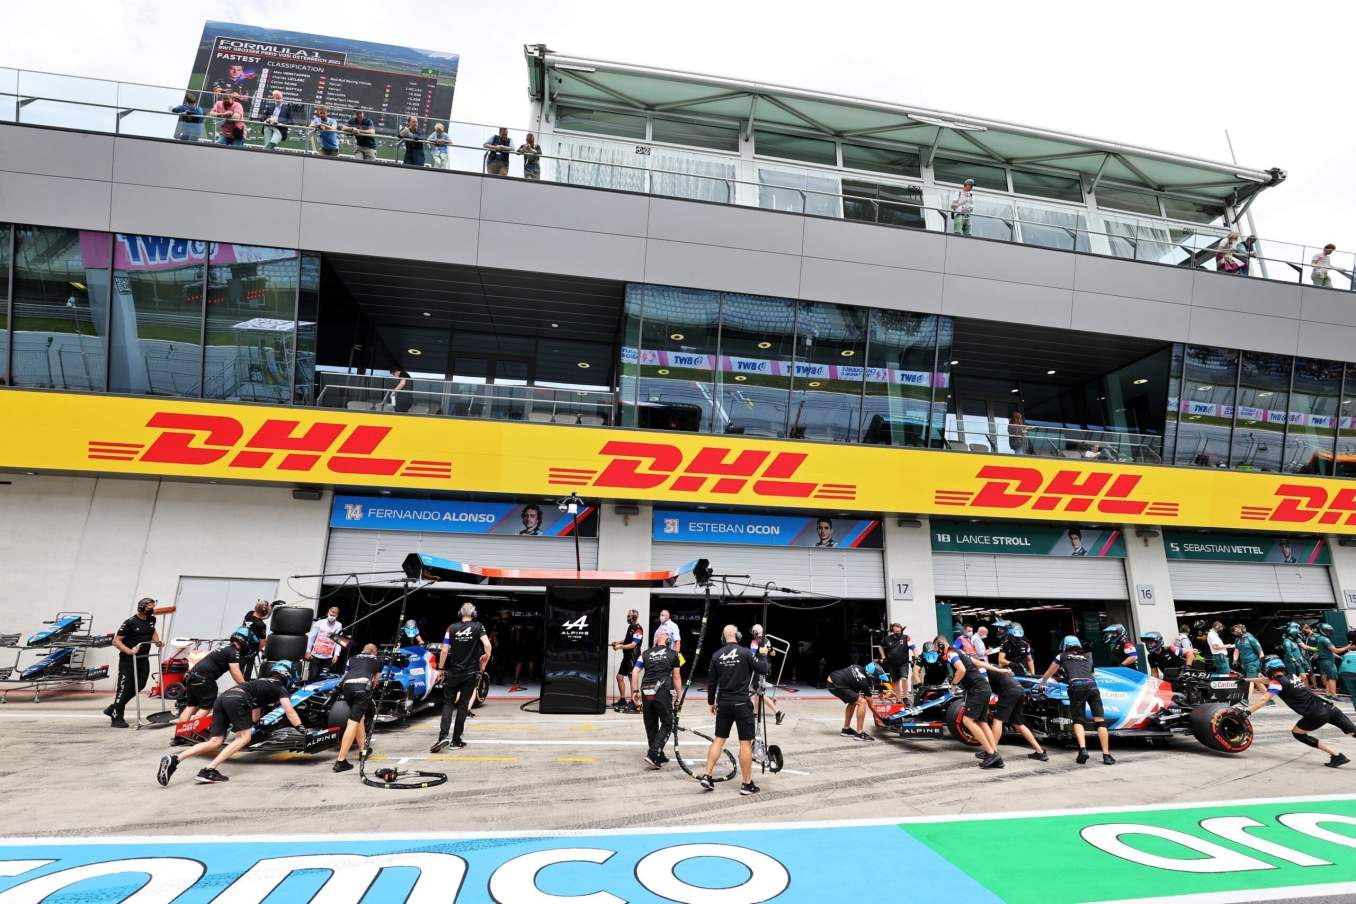 Alpine F1 Alonso Ocon A521 GP Autriche Spielberg 2021 21 scaled | Alpine F1 : Alonso rapporte un point au Grand-Prix d'Autriche